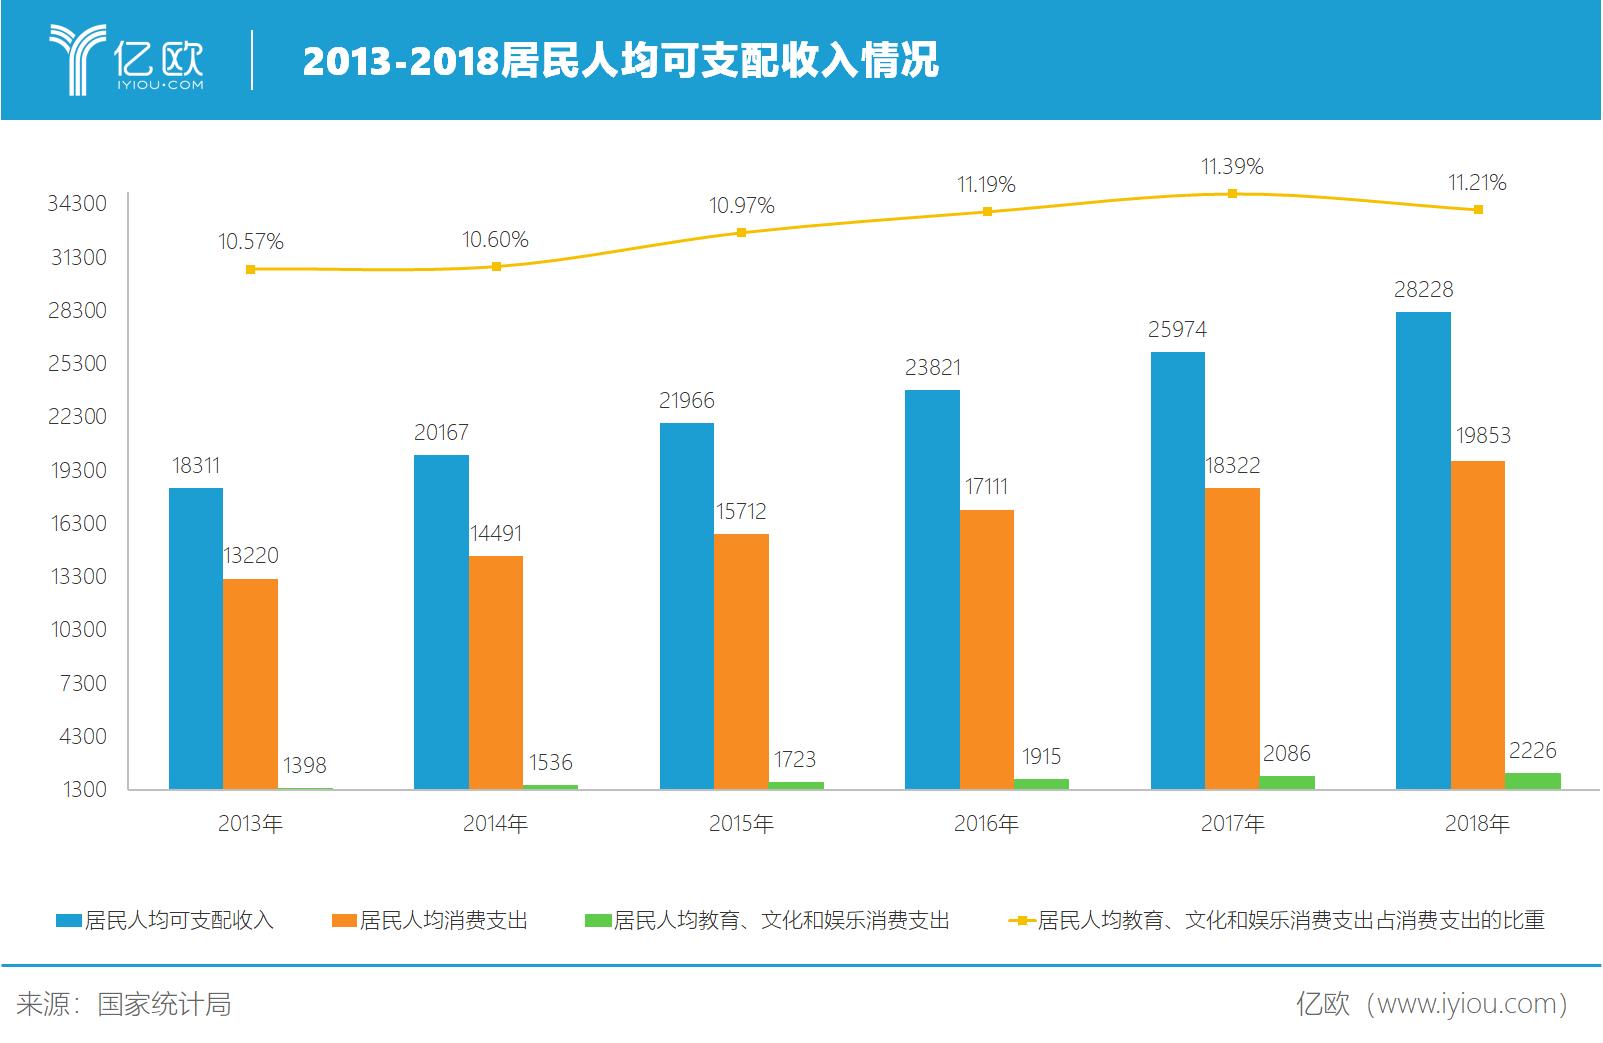 亿欧智库:2013-2018年居民人均可支配收入情况